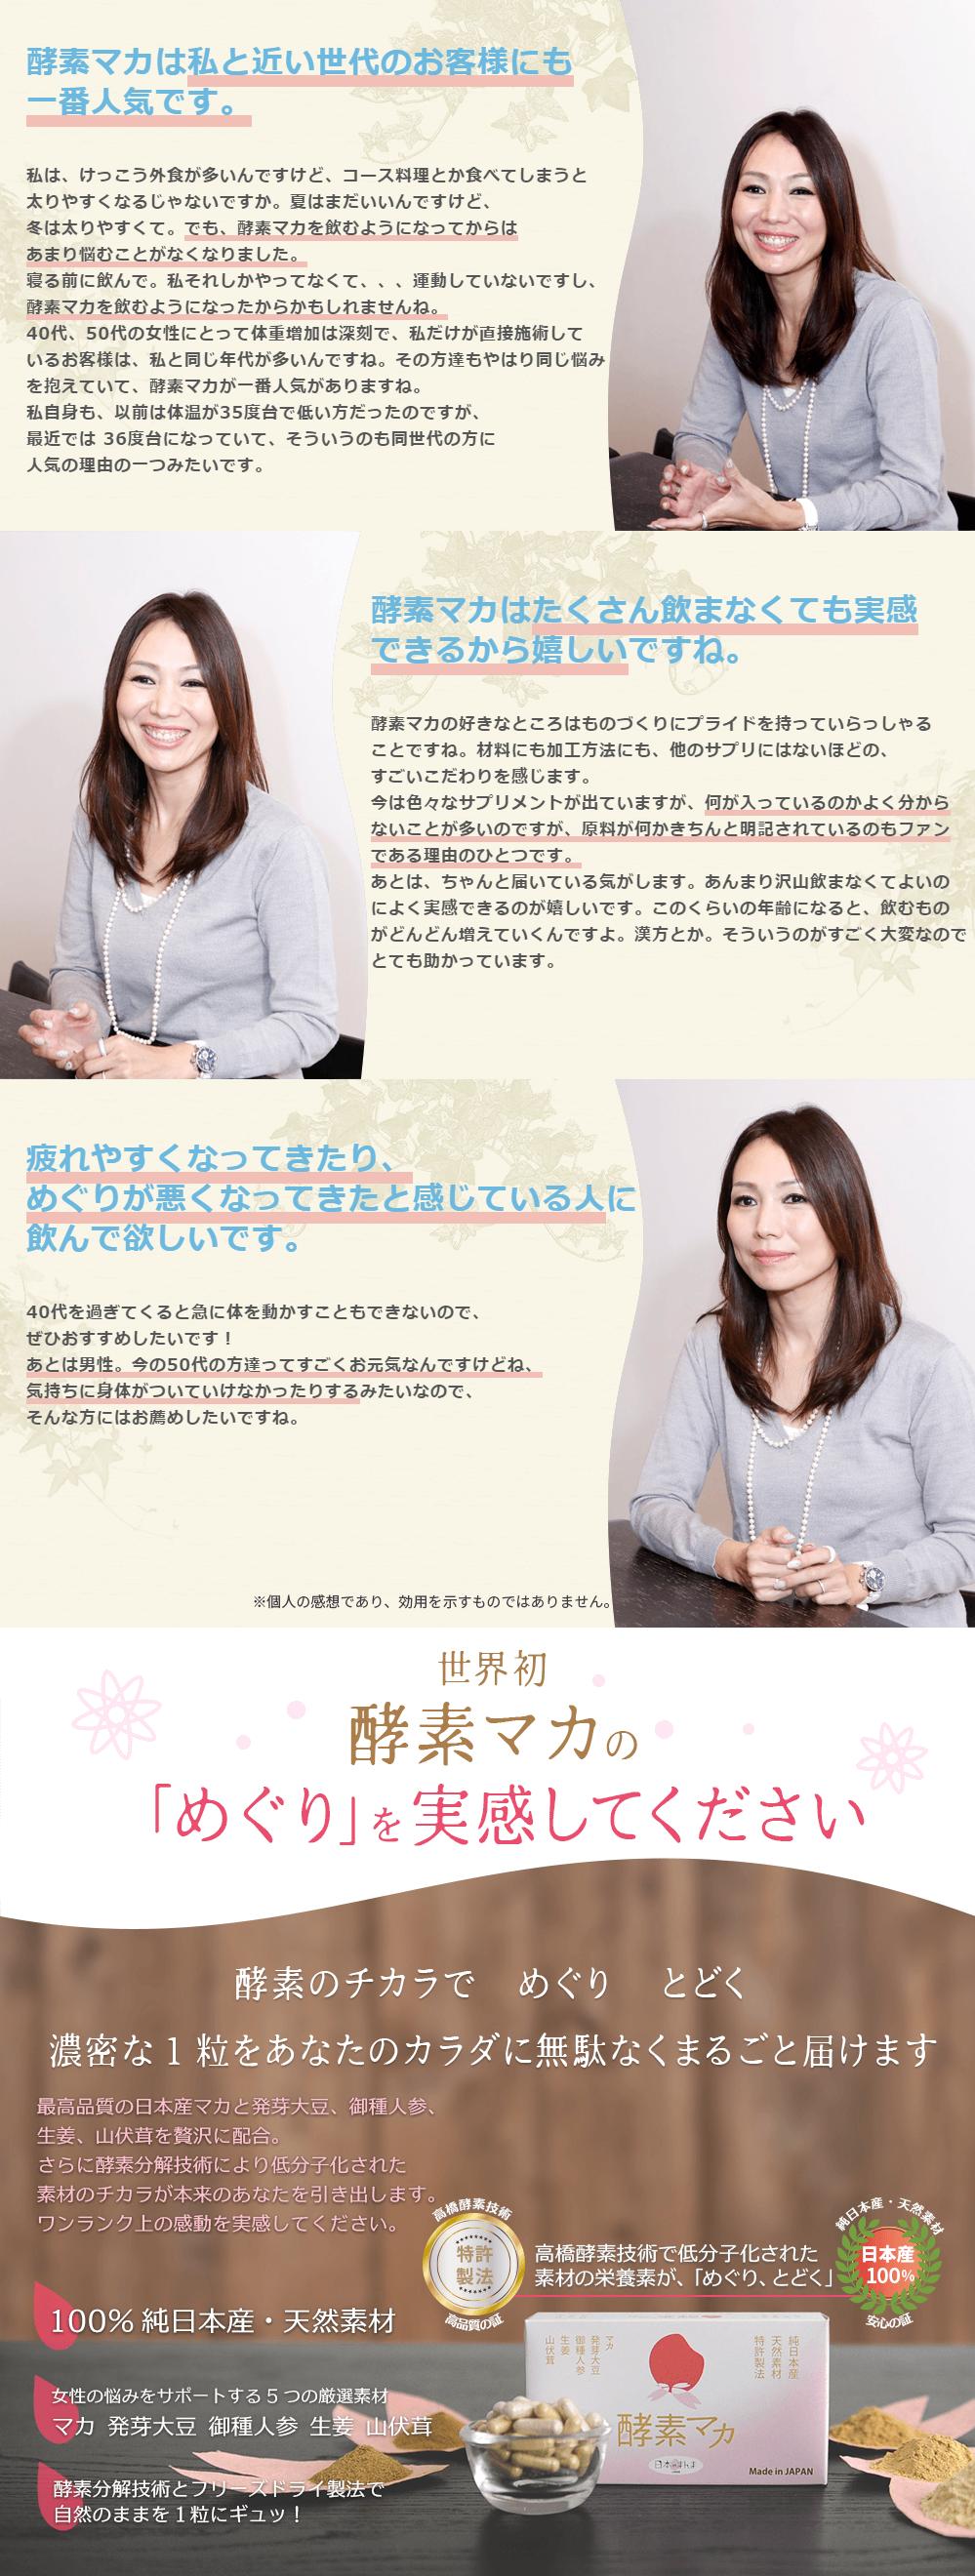 ママ活・妊活サプリ【酵素マカ】の効果と実績について08